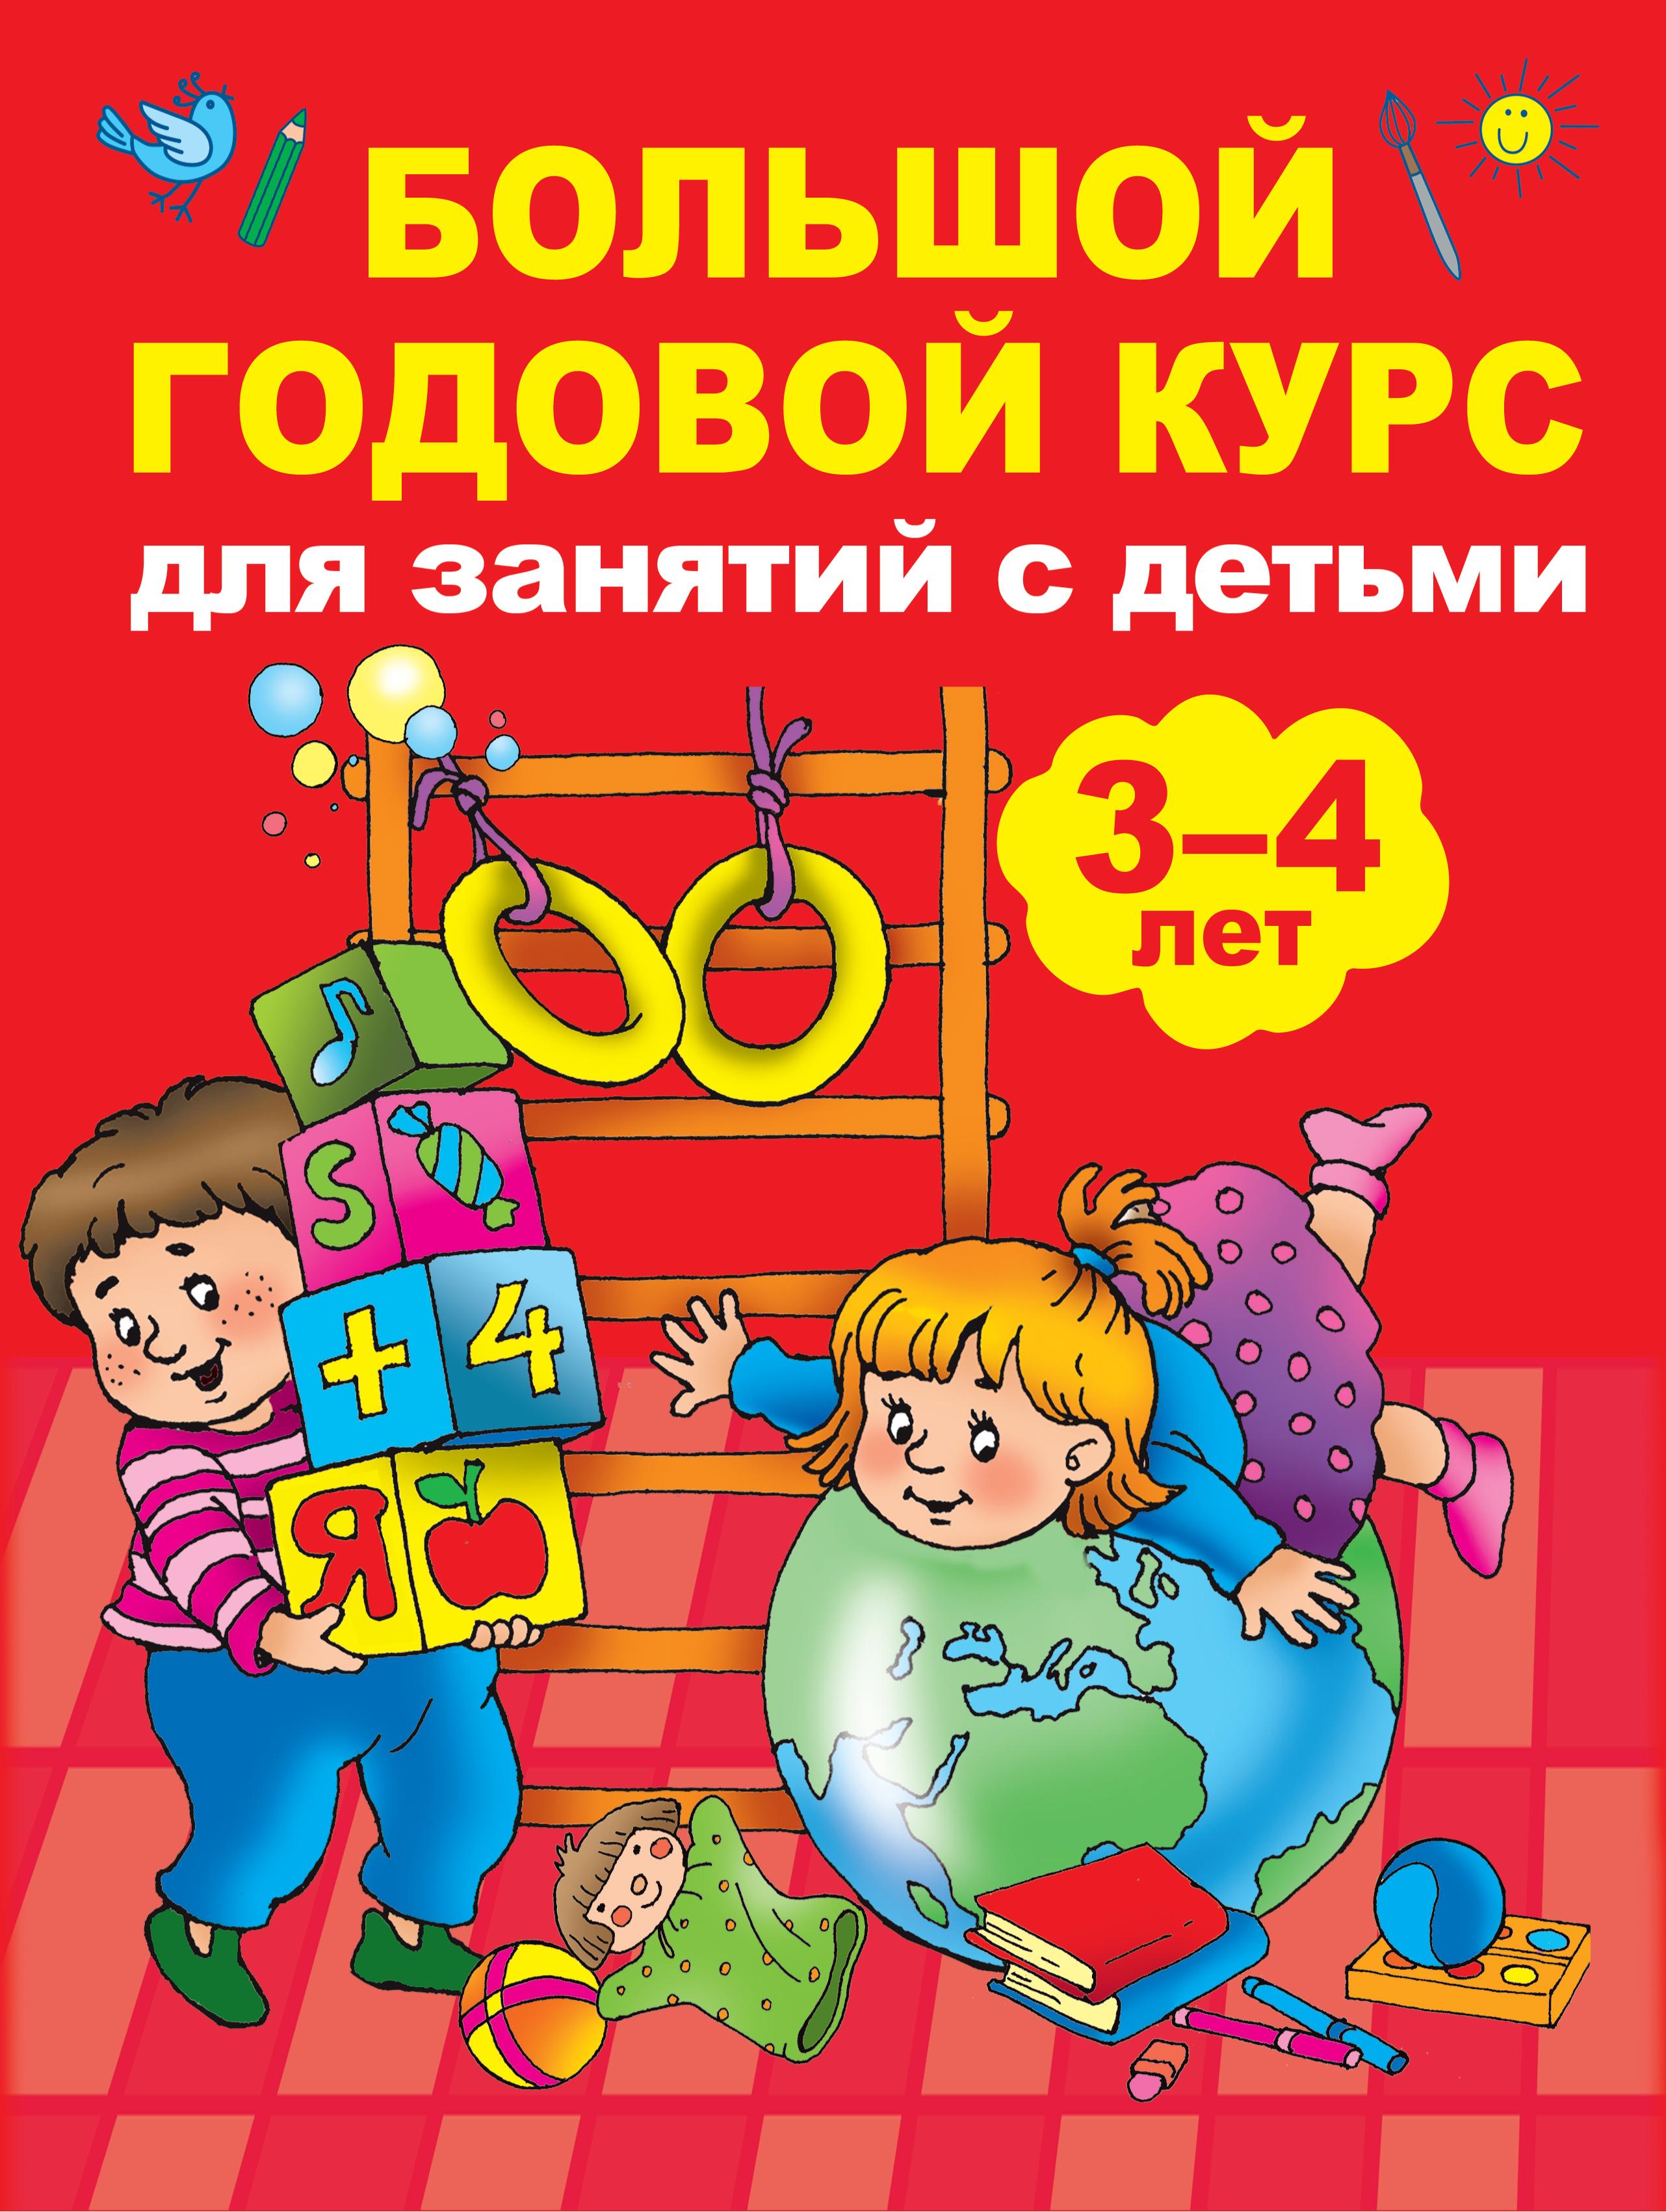 Матвеева А.С. Большой годовой курс для занятий с детьми 3-4 года матвеева а первый учебник малыша полный годовой курс занятий для детей 3 4 лет